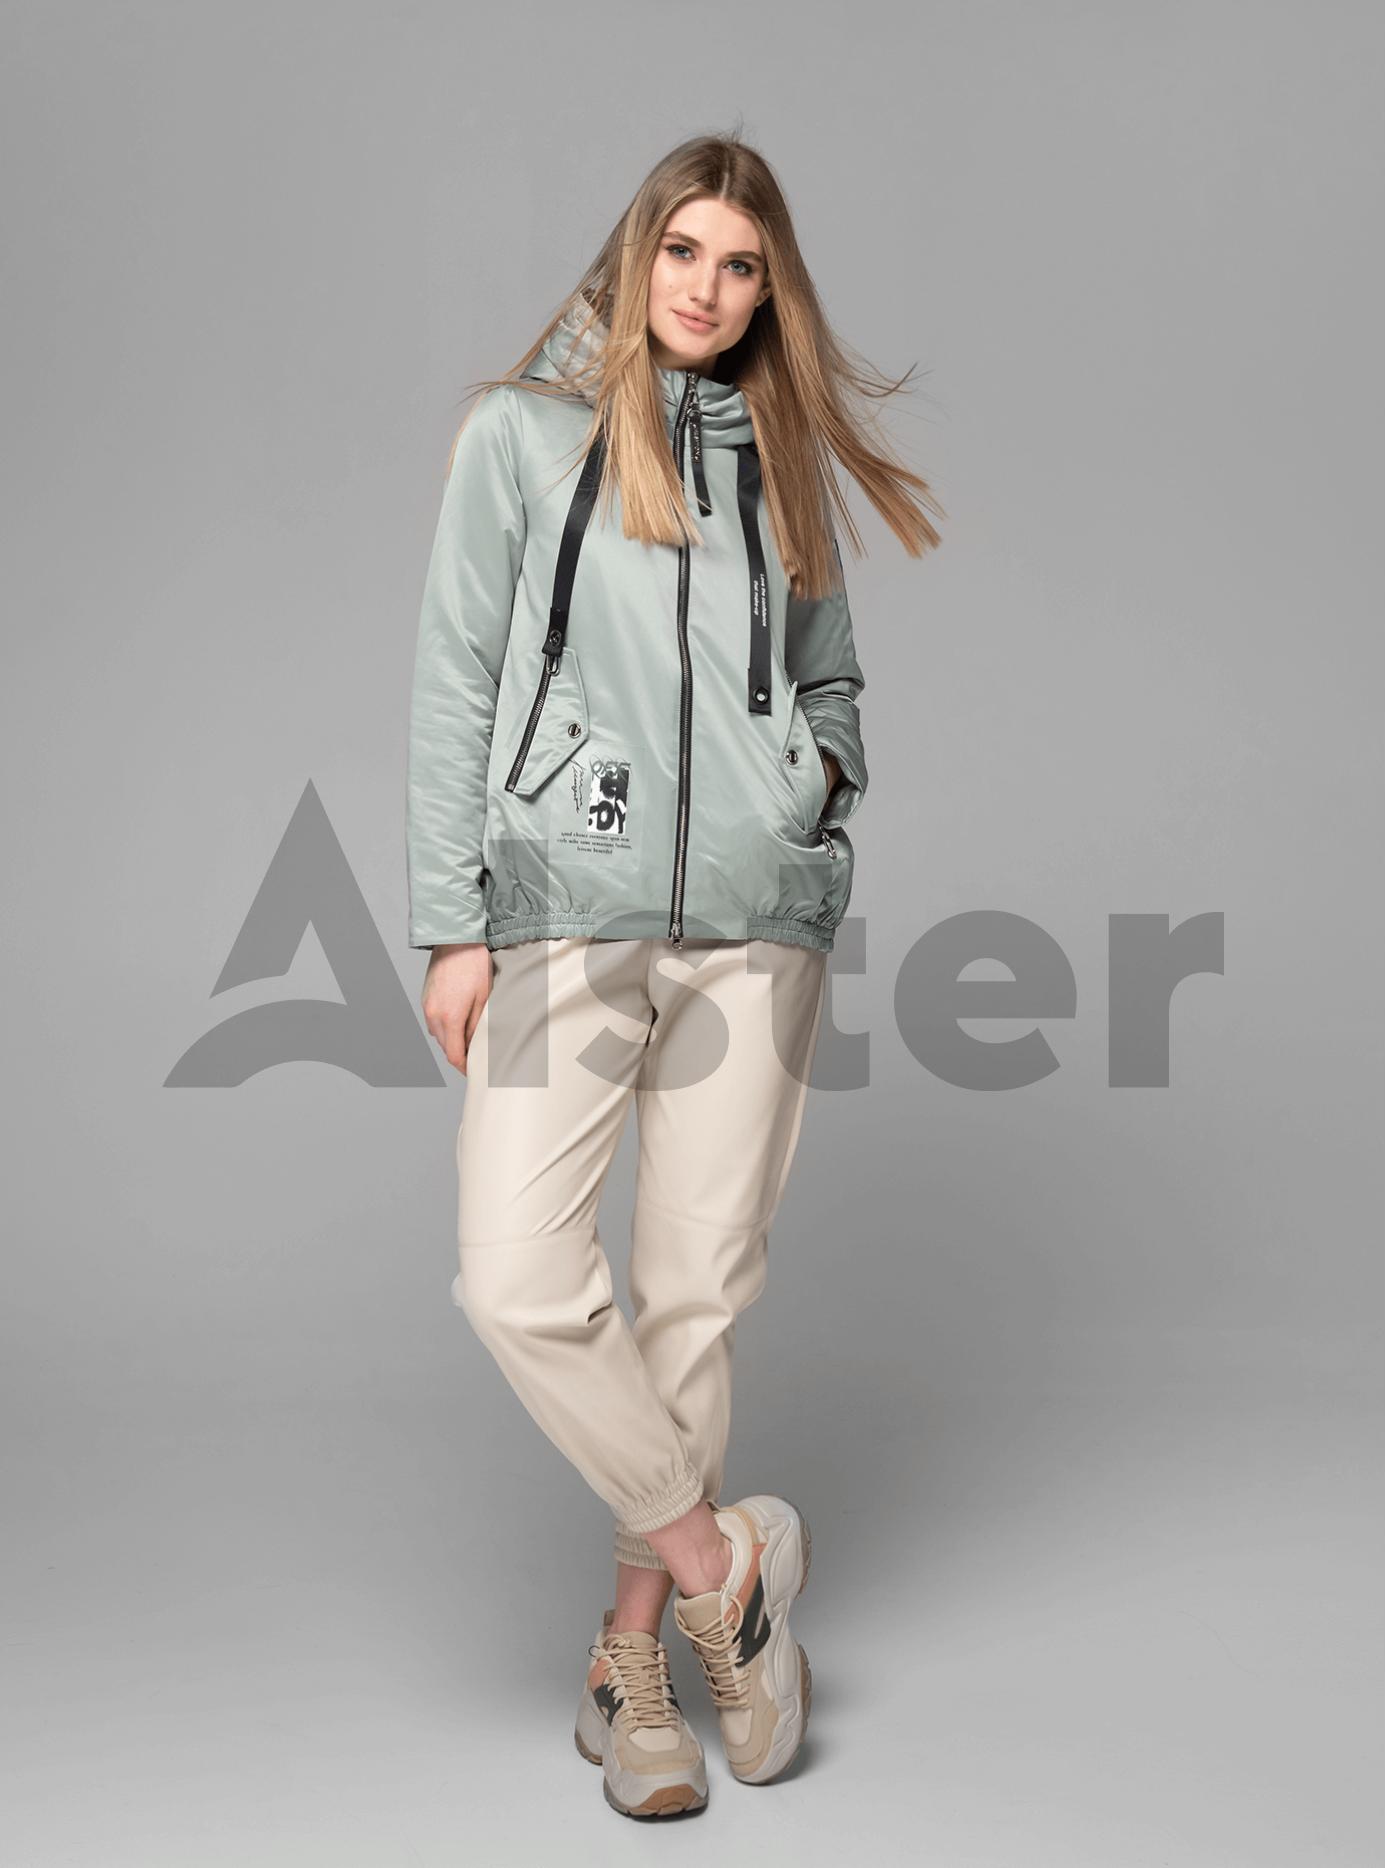 Куртка демисезонная короткая с разрезом на спине Серо-зелёный L (02-V191076): фото - Alster.ua